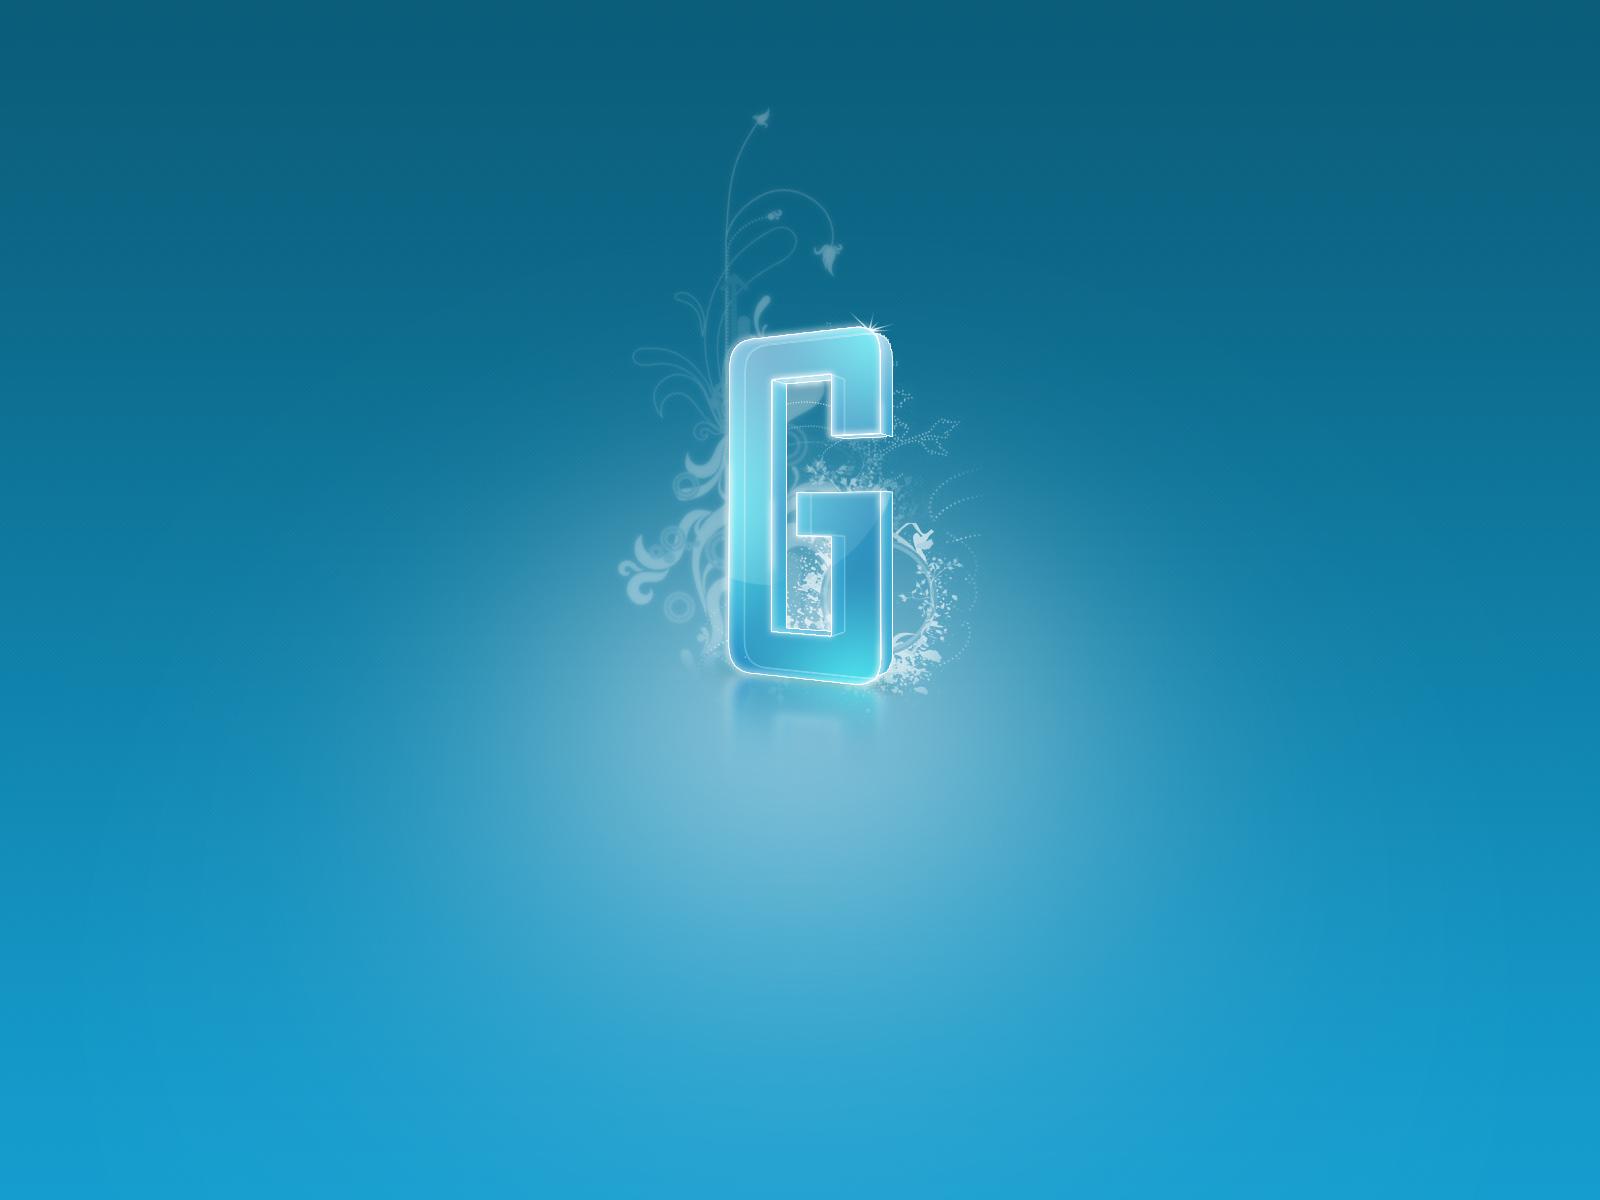 http://3.bp.blogspot.com/-qY2wmzDP9PY/T9MqM2qKU8I/AAAAAAAAP9I/06CNhSCmNYk/s1600/letter_G_by_denbas.jpg